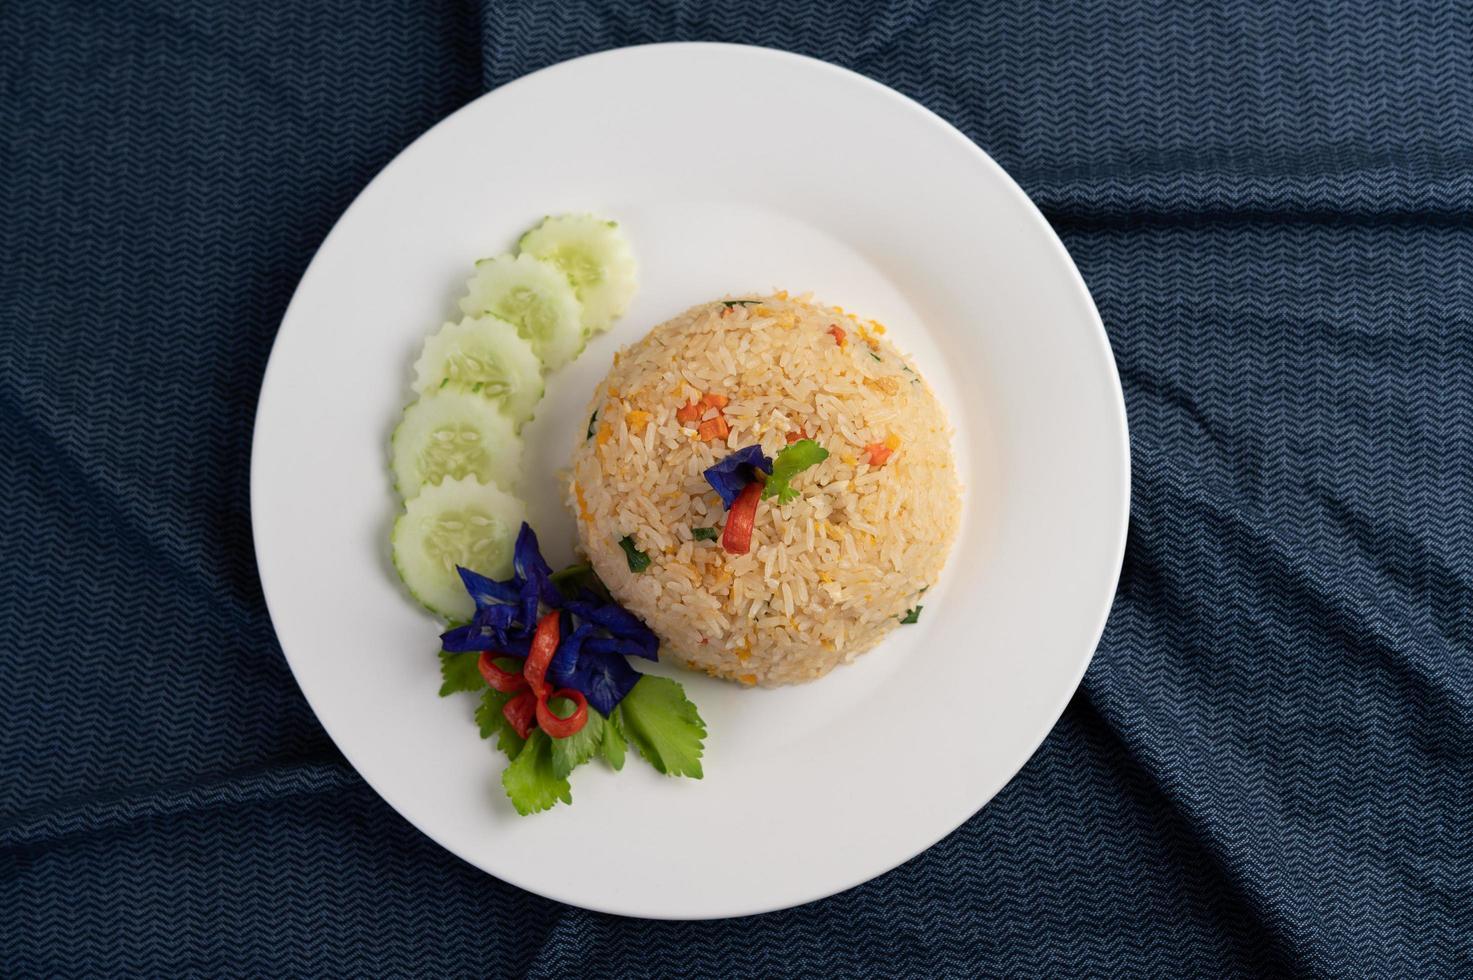 Riz frit aux œufs sur une assiette blanche avec tissu froissé photo